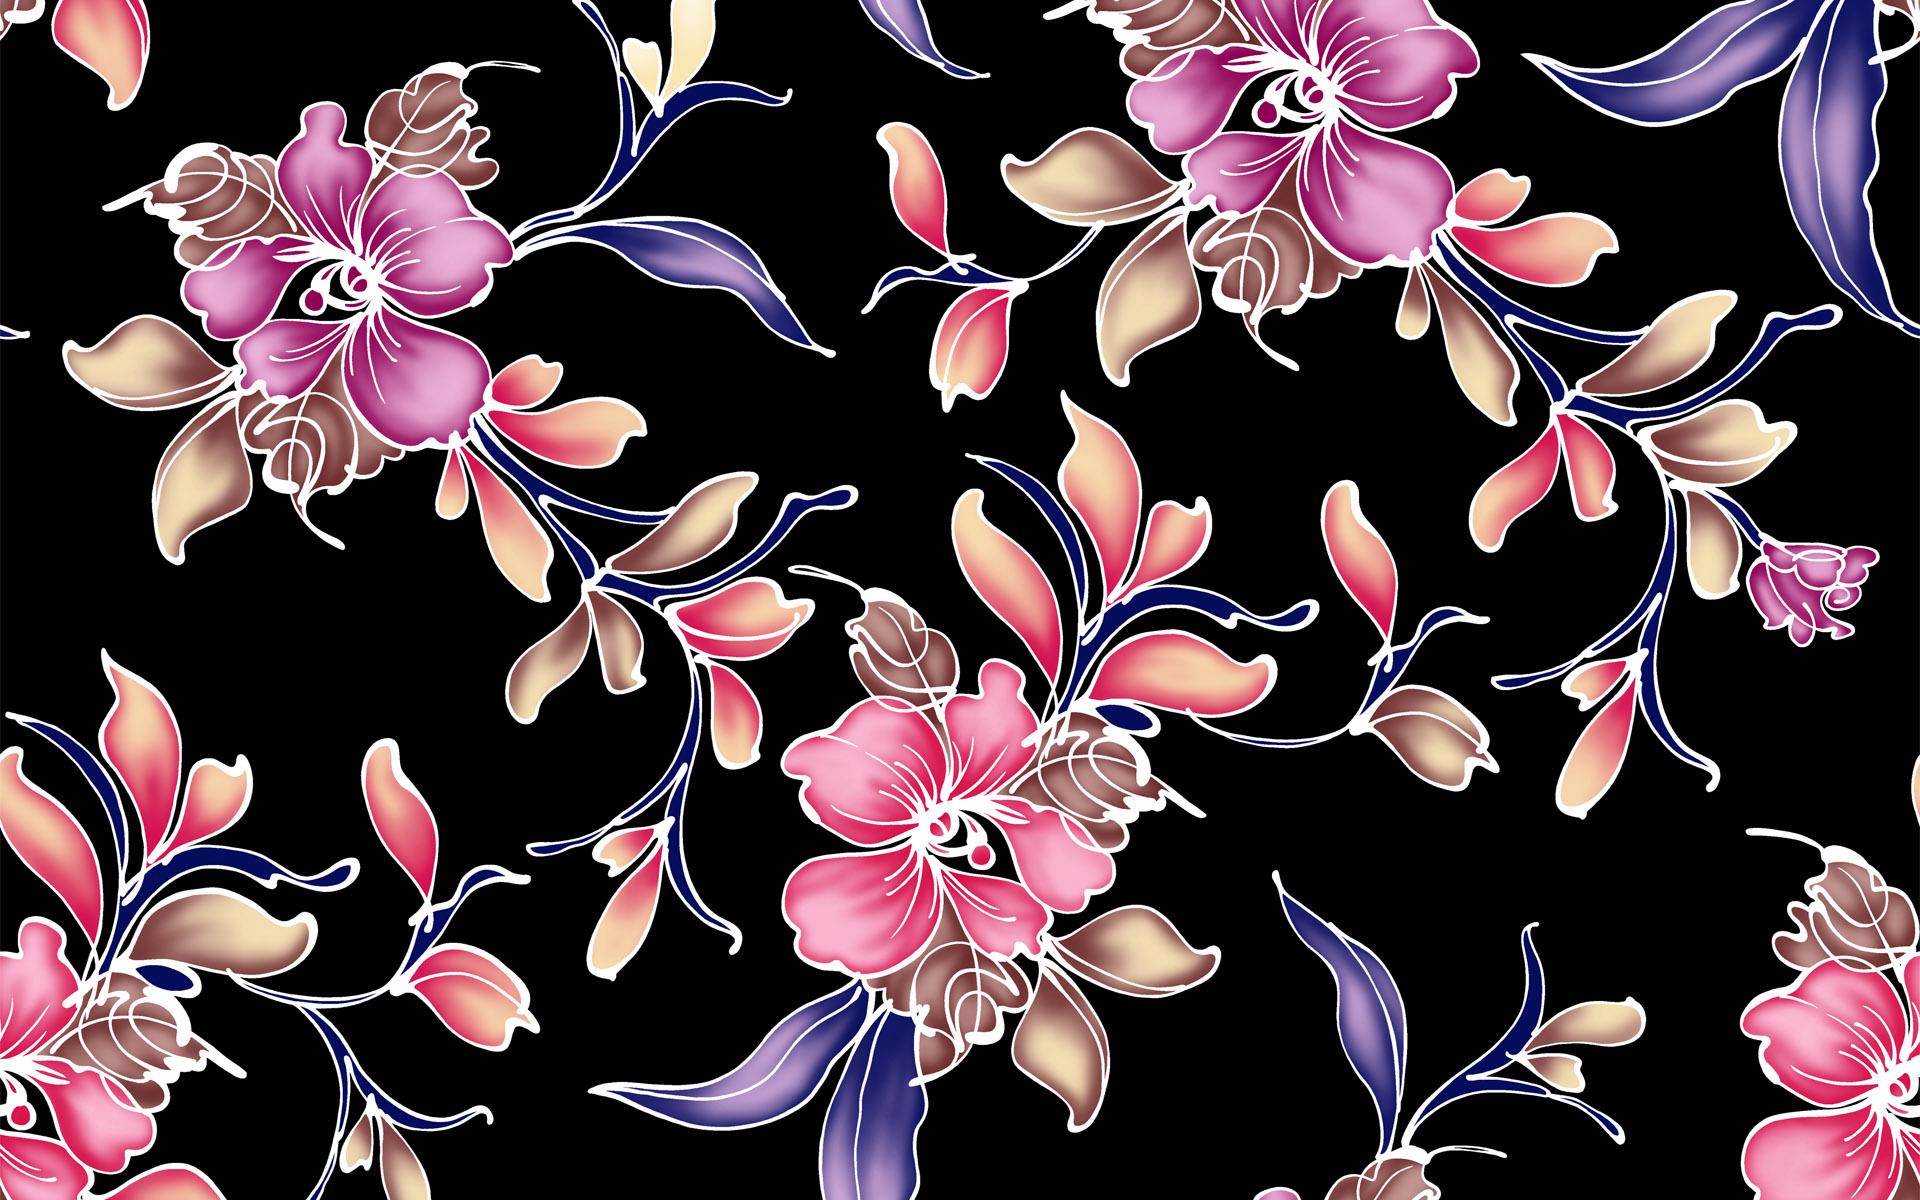 Flower Pattern Wallpaper hd Flower Pattern Wallpaper